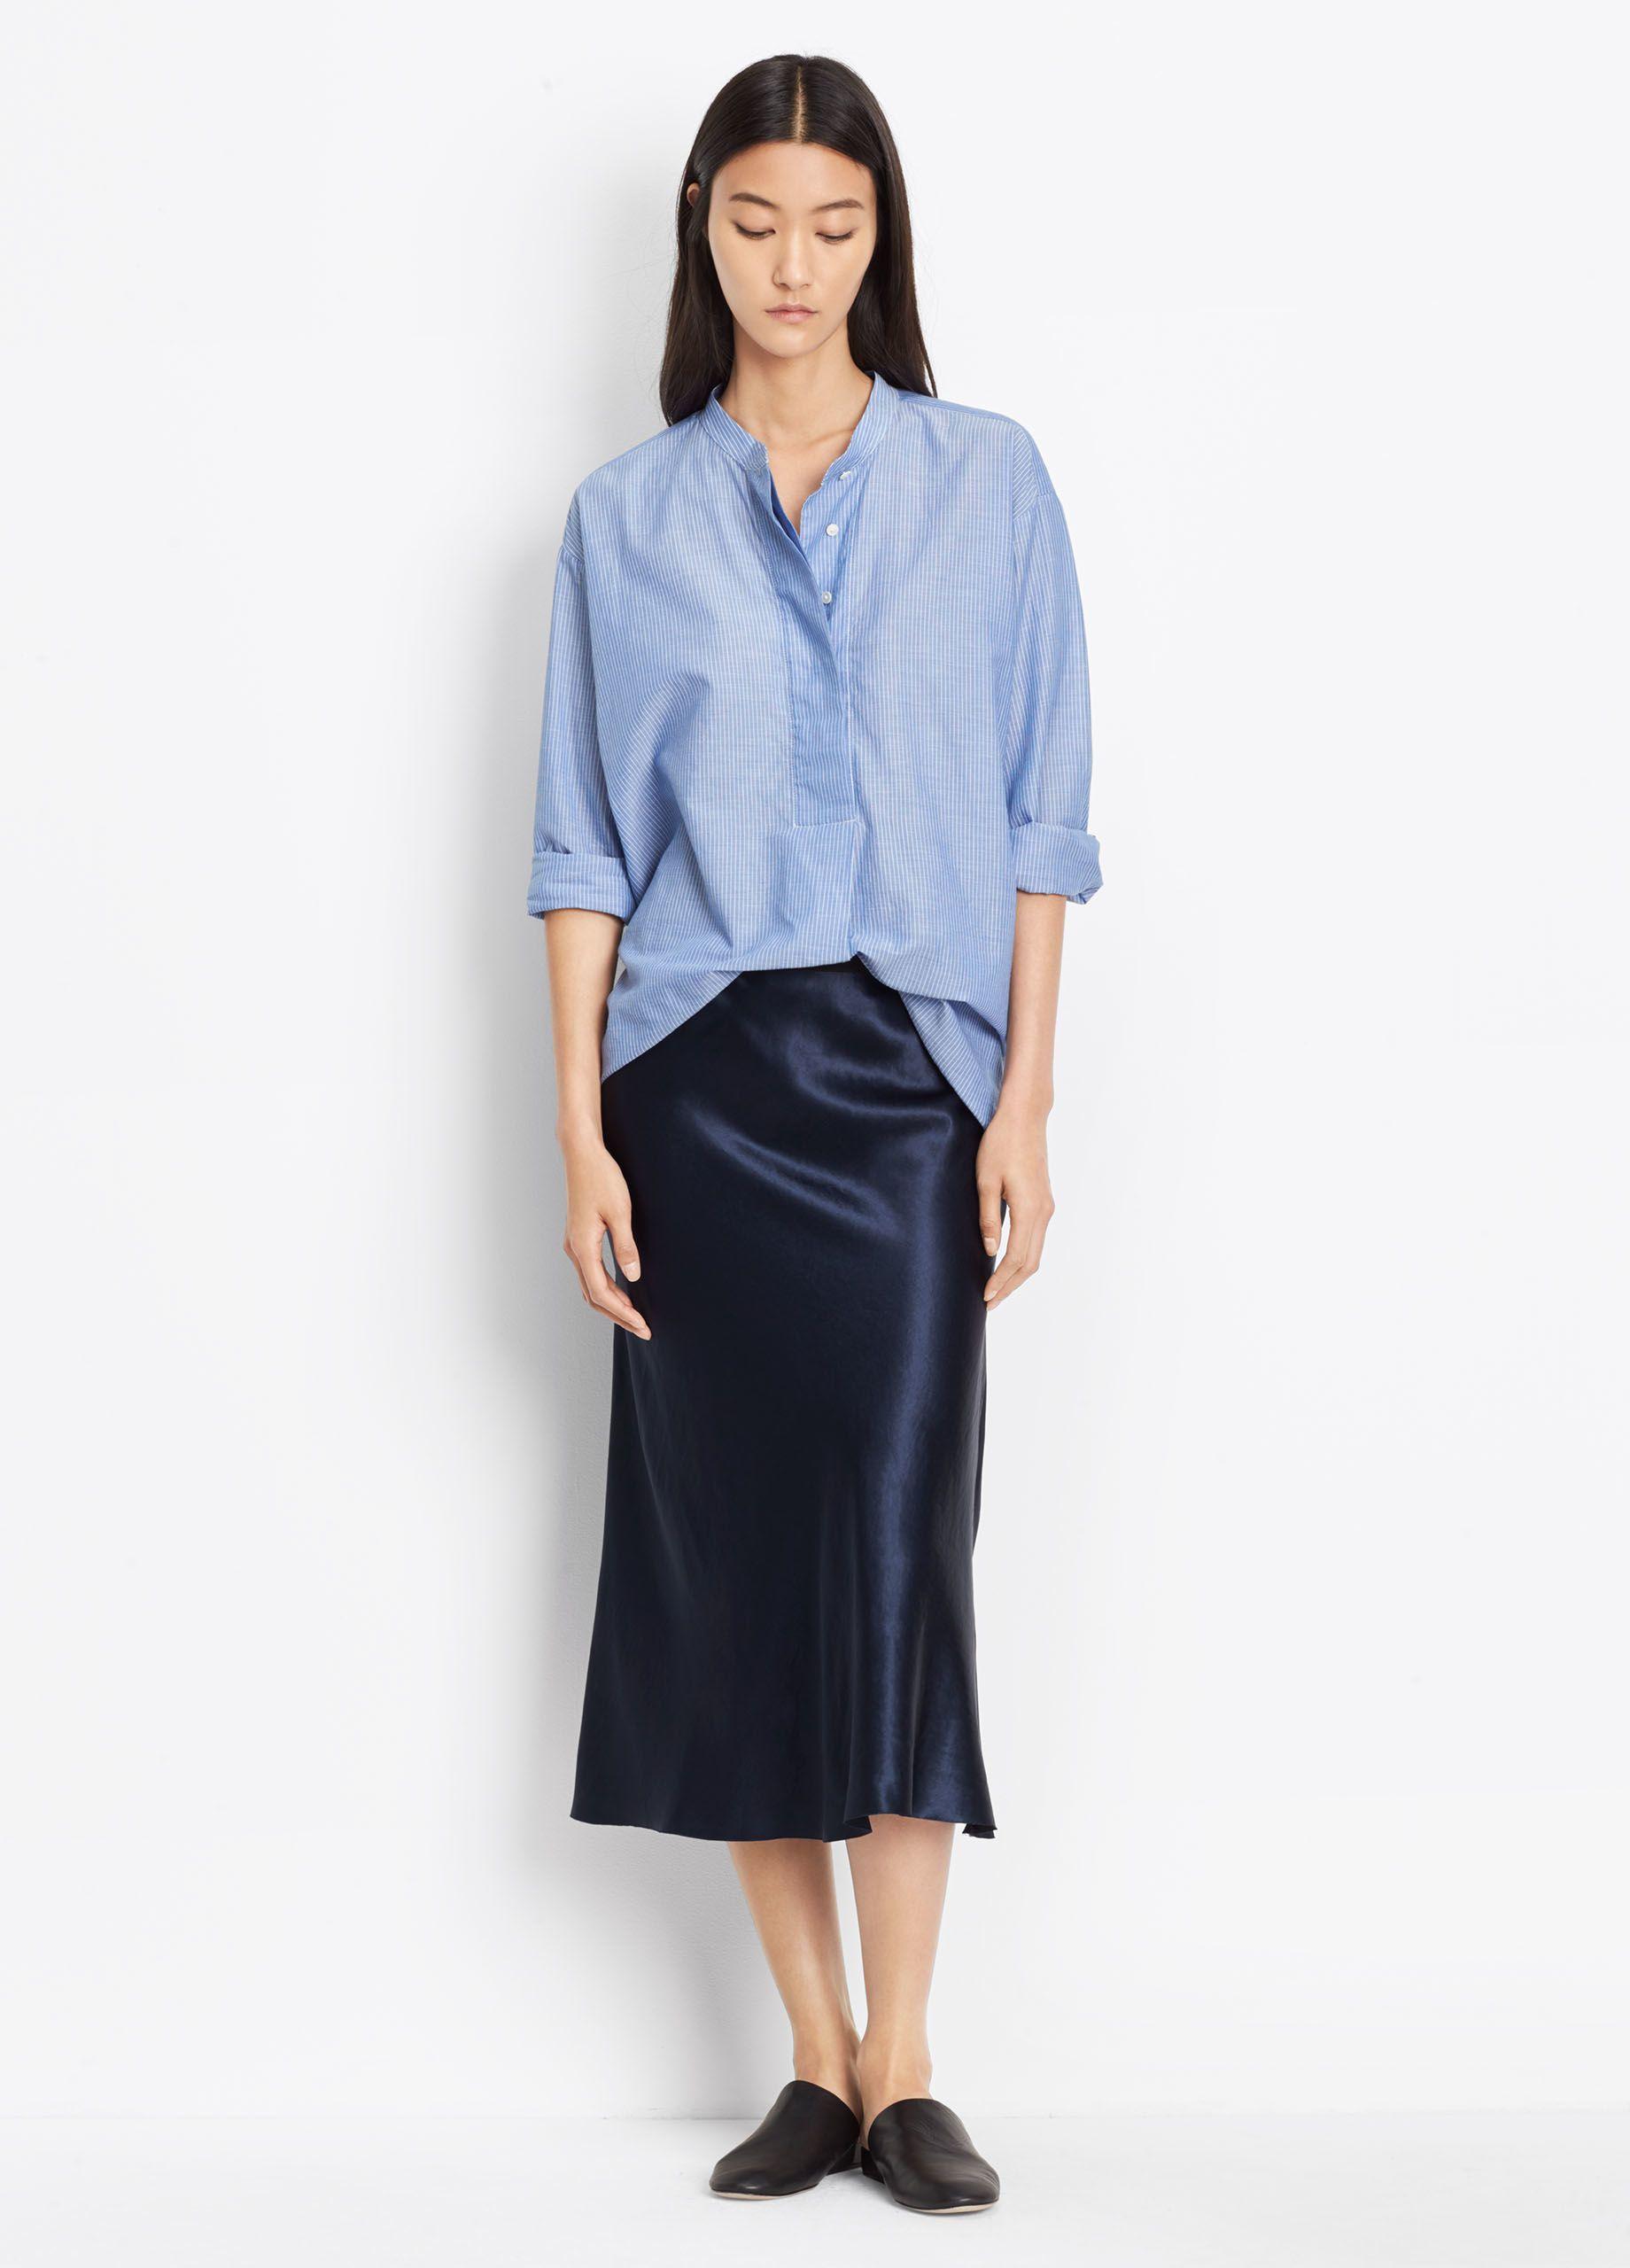 e9cc99a2d35 Satin Slip Skirt for Women